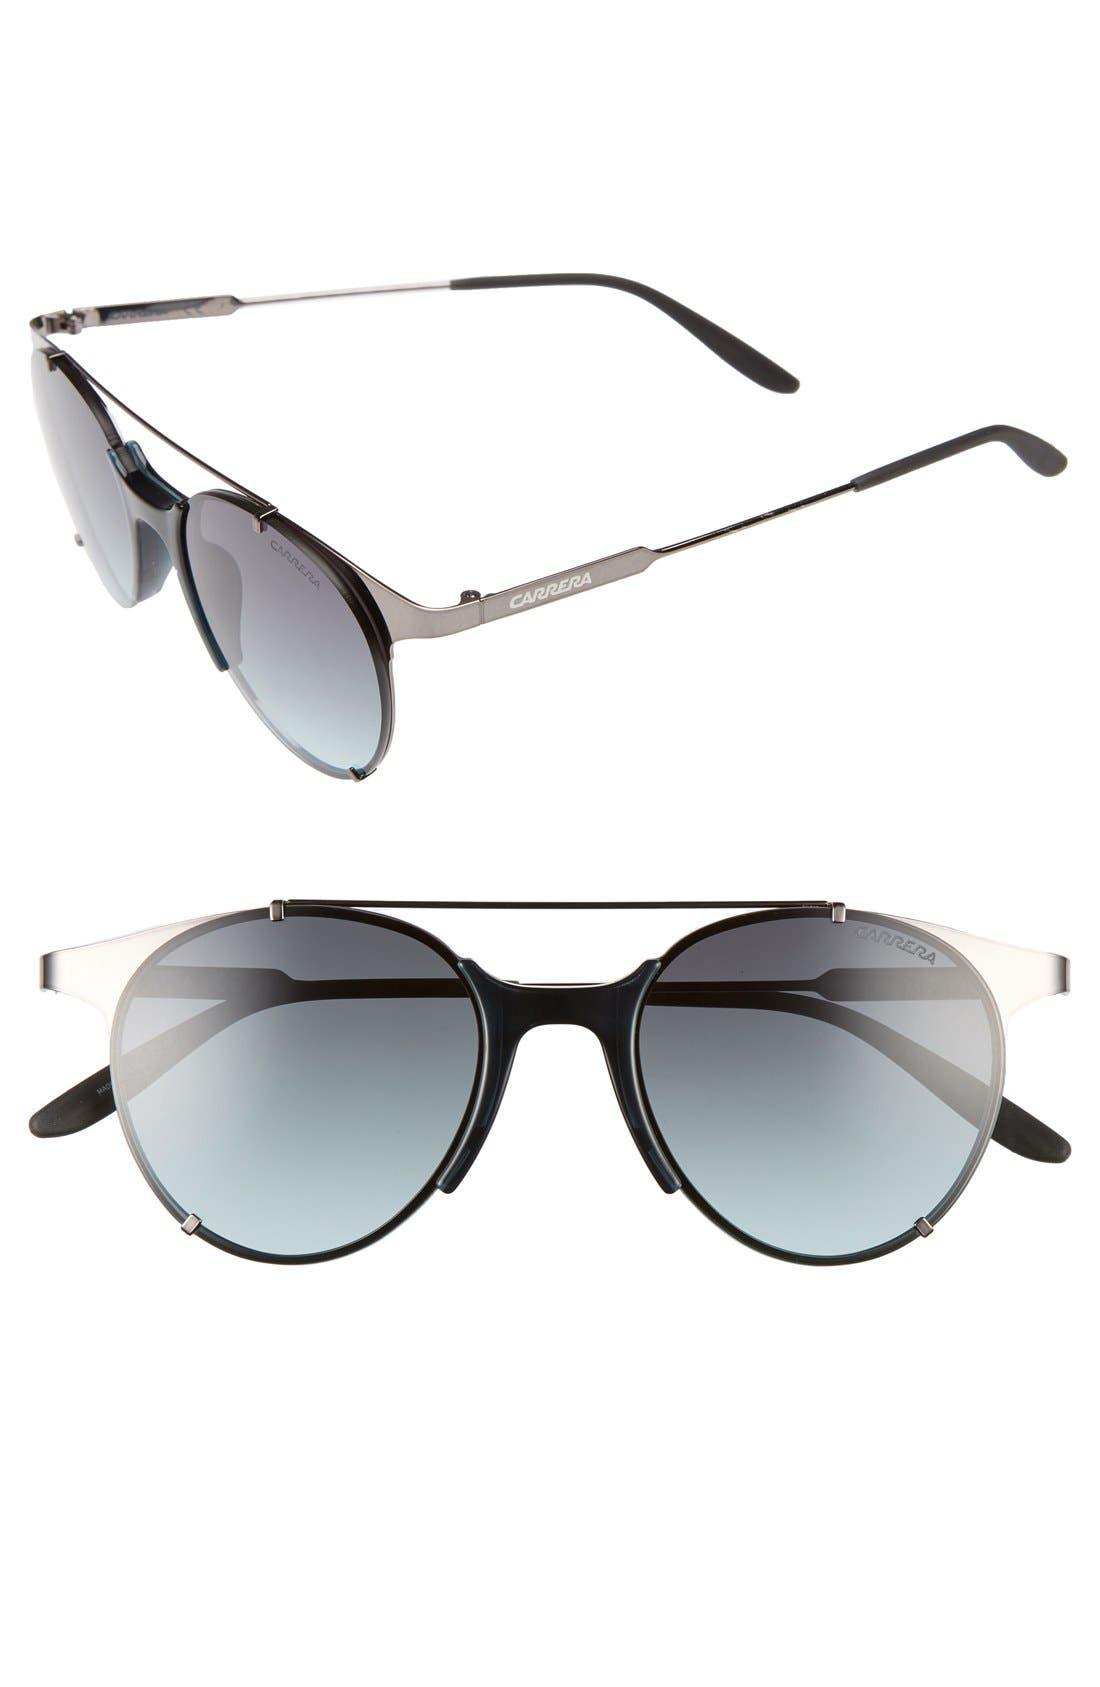 CA128/S 52mm Sunglasses,                             Main thumbnail 1, color,                             Dark Ruthenium